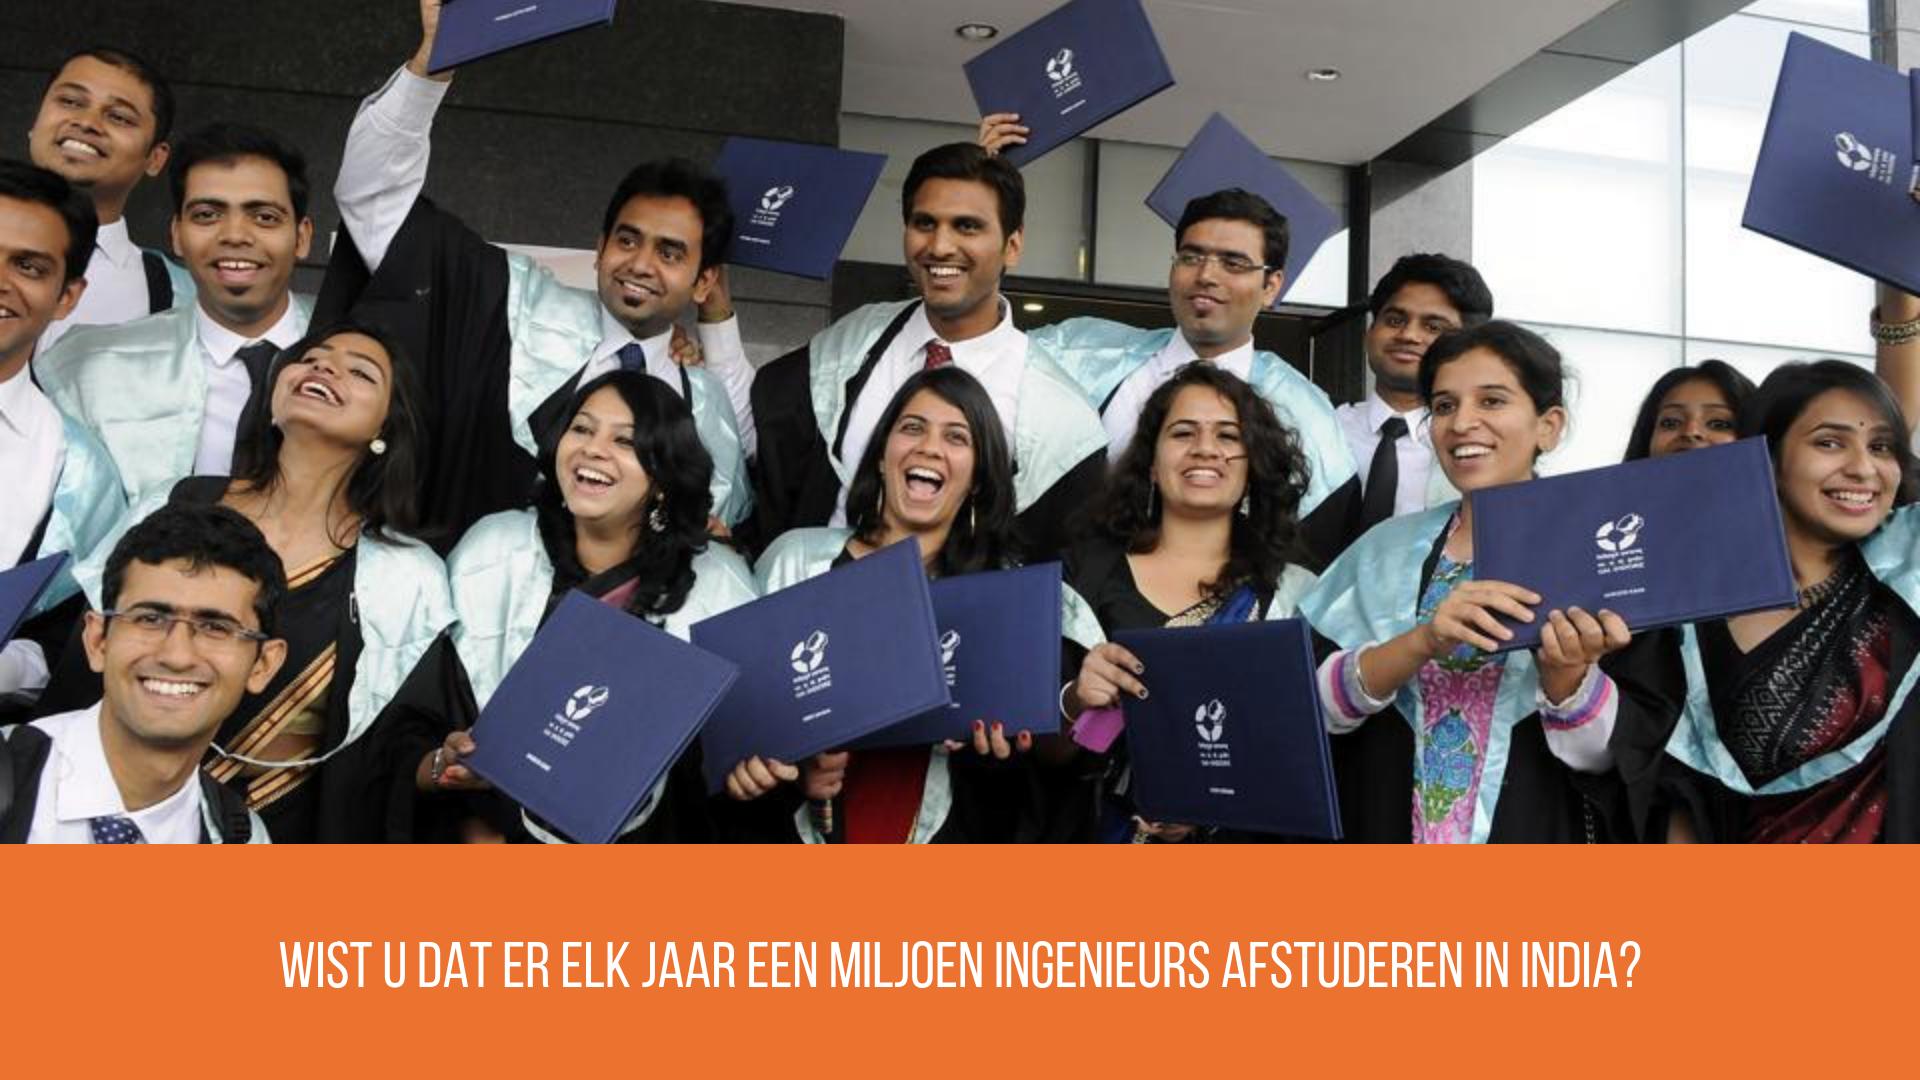 Jaarlijks studeren meer dan 1 miljoen studenten af van de universiteit in India